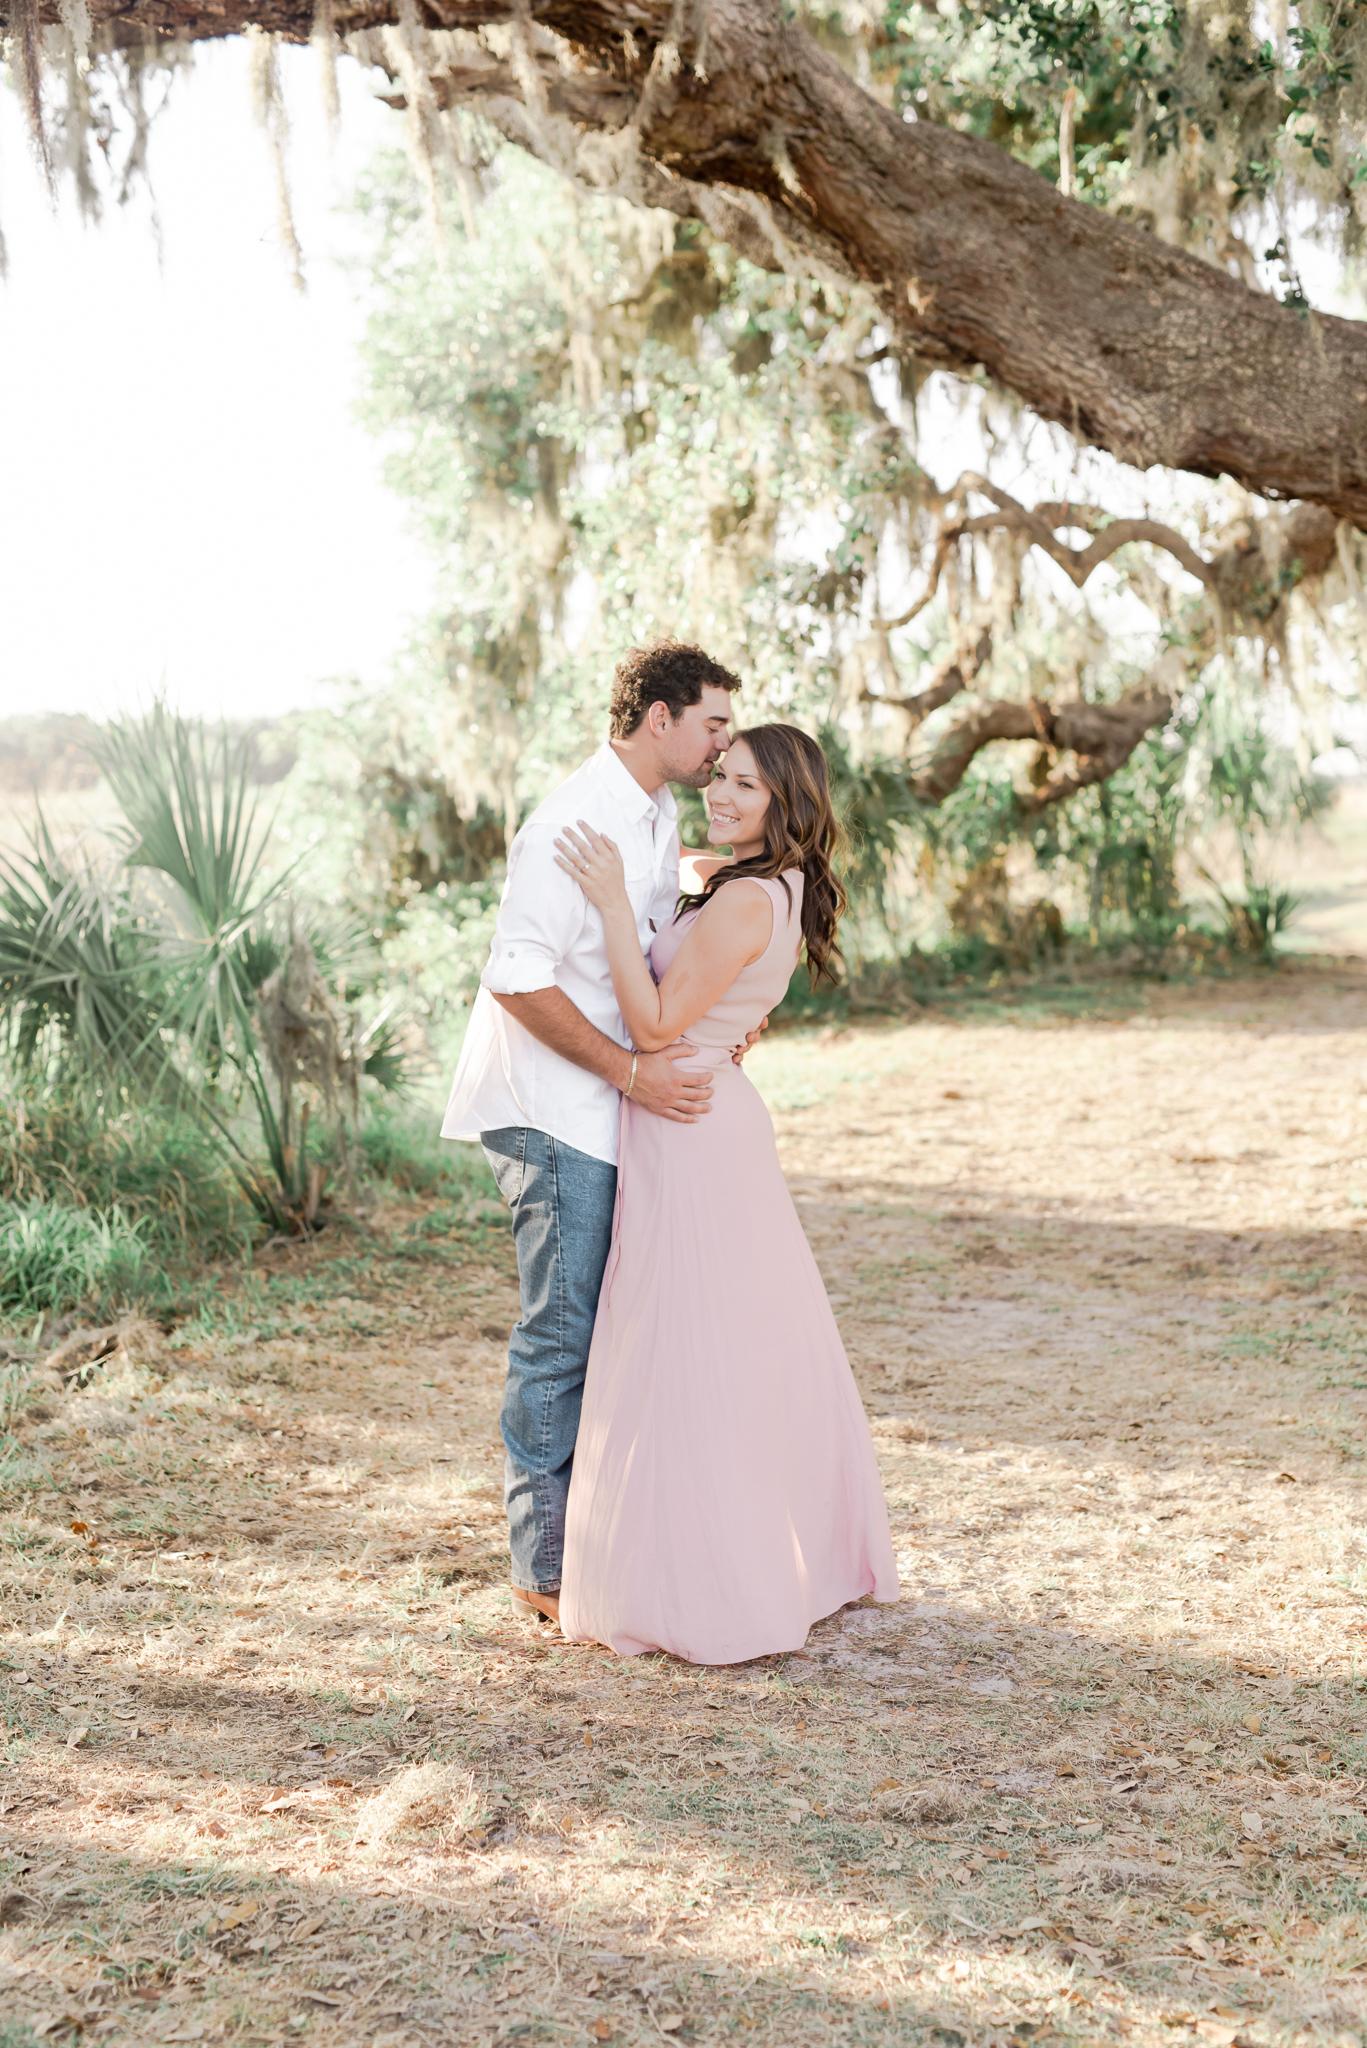 Karlie+Aaron Engagement-WG-16.jpg